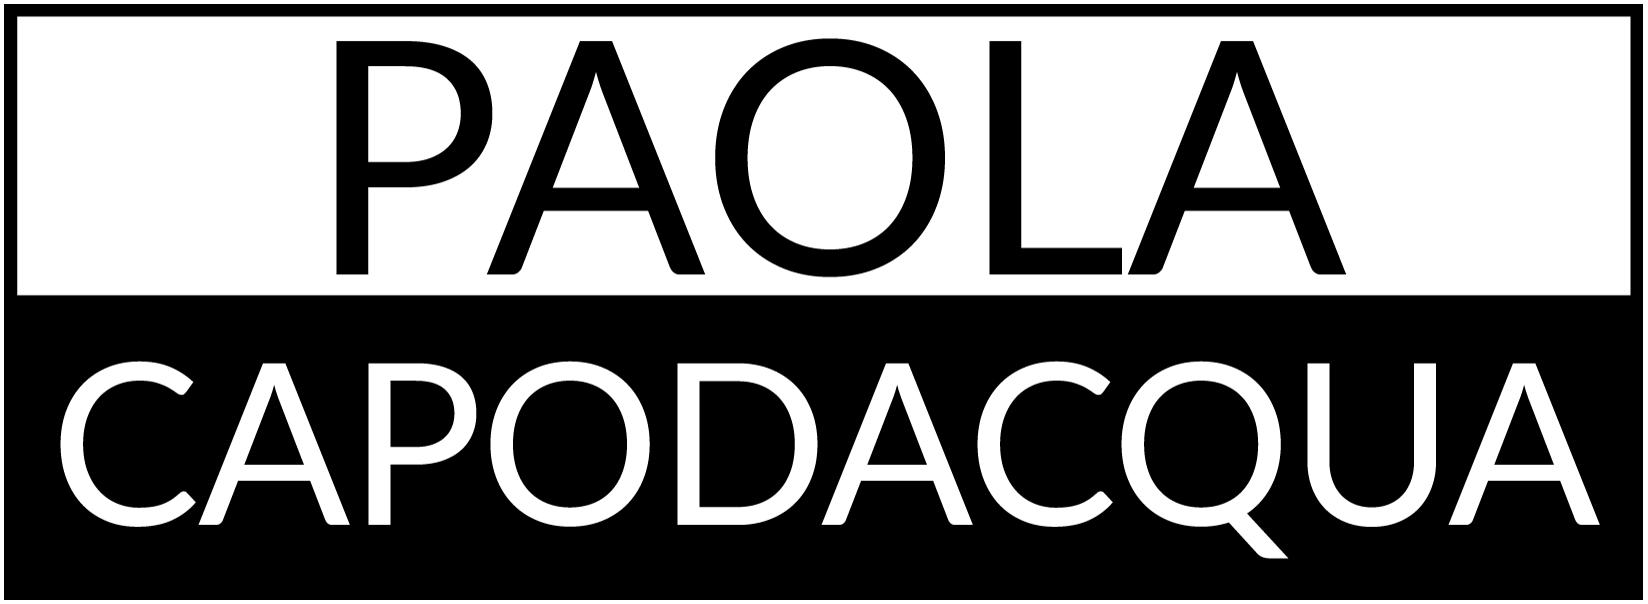 PaolaCapodacqua.com - Stile, Fotografia, Arte, Cultura